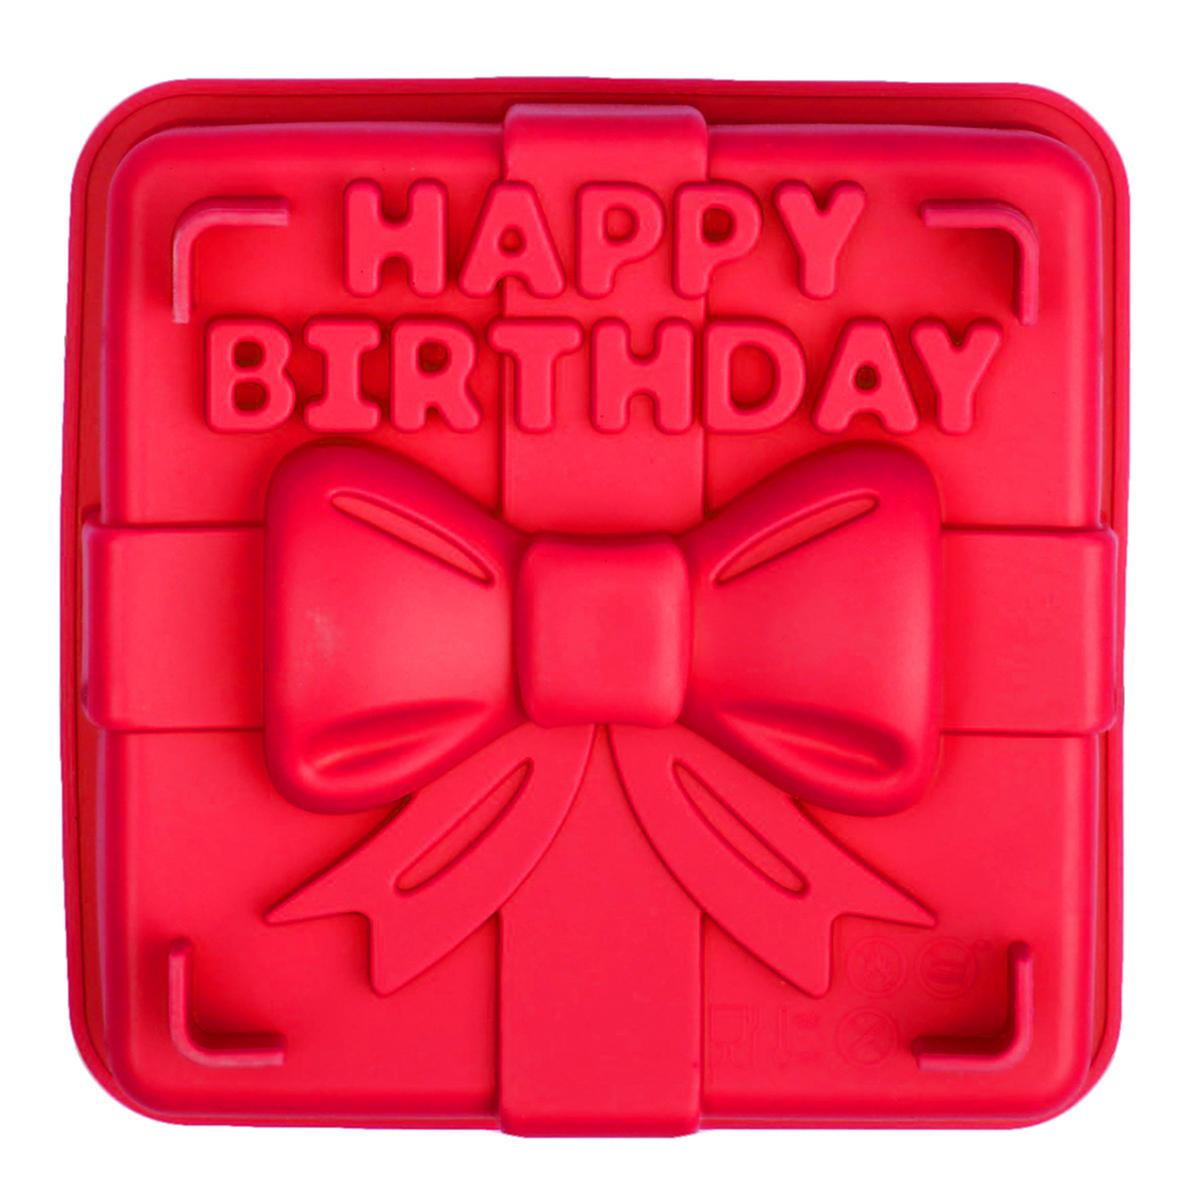 Форма для выпечки Доляна Happy Birthday, силиконовая, цвет: красный, 21,5 х 20 х 6,9 см2798198_красныйОт качества посуды зависит не только вкус еды, но и здоровье человека. Форма для выпечки — товар, соответствующий российским стандартам качества. Любой хозяйке будет приятно держать его в руках.